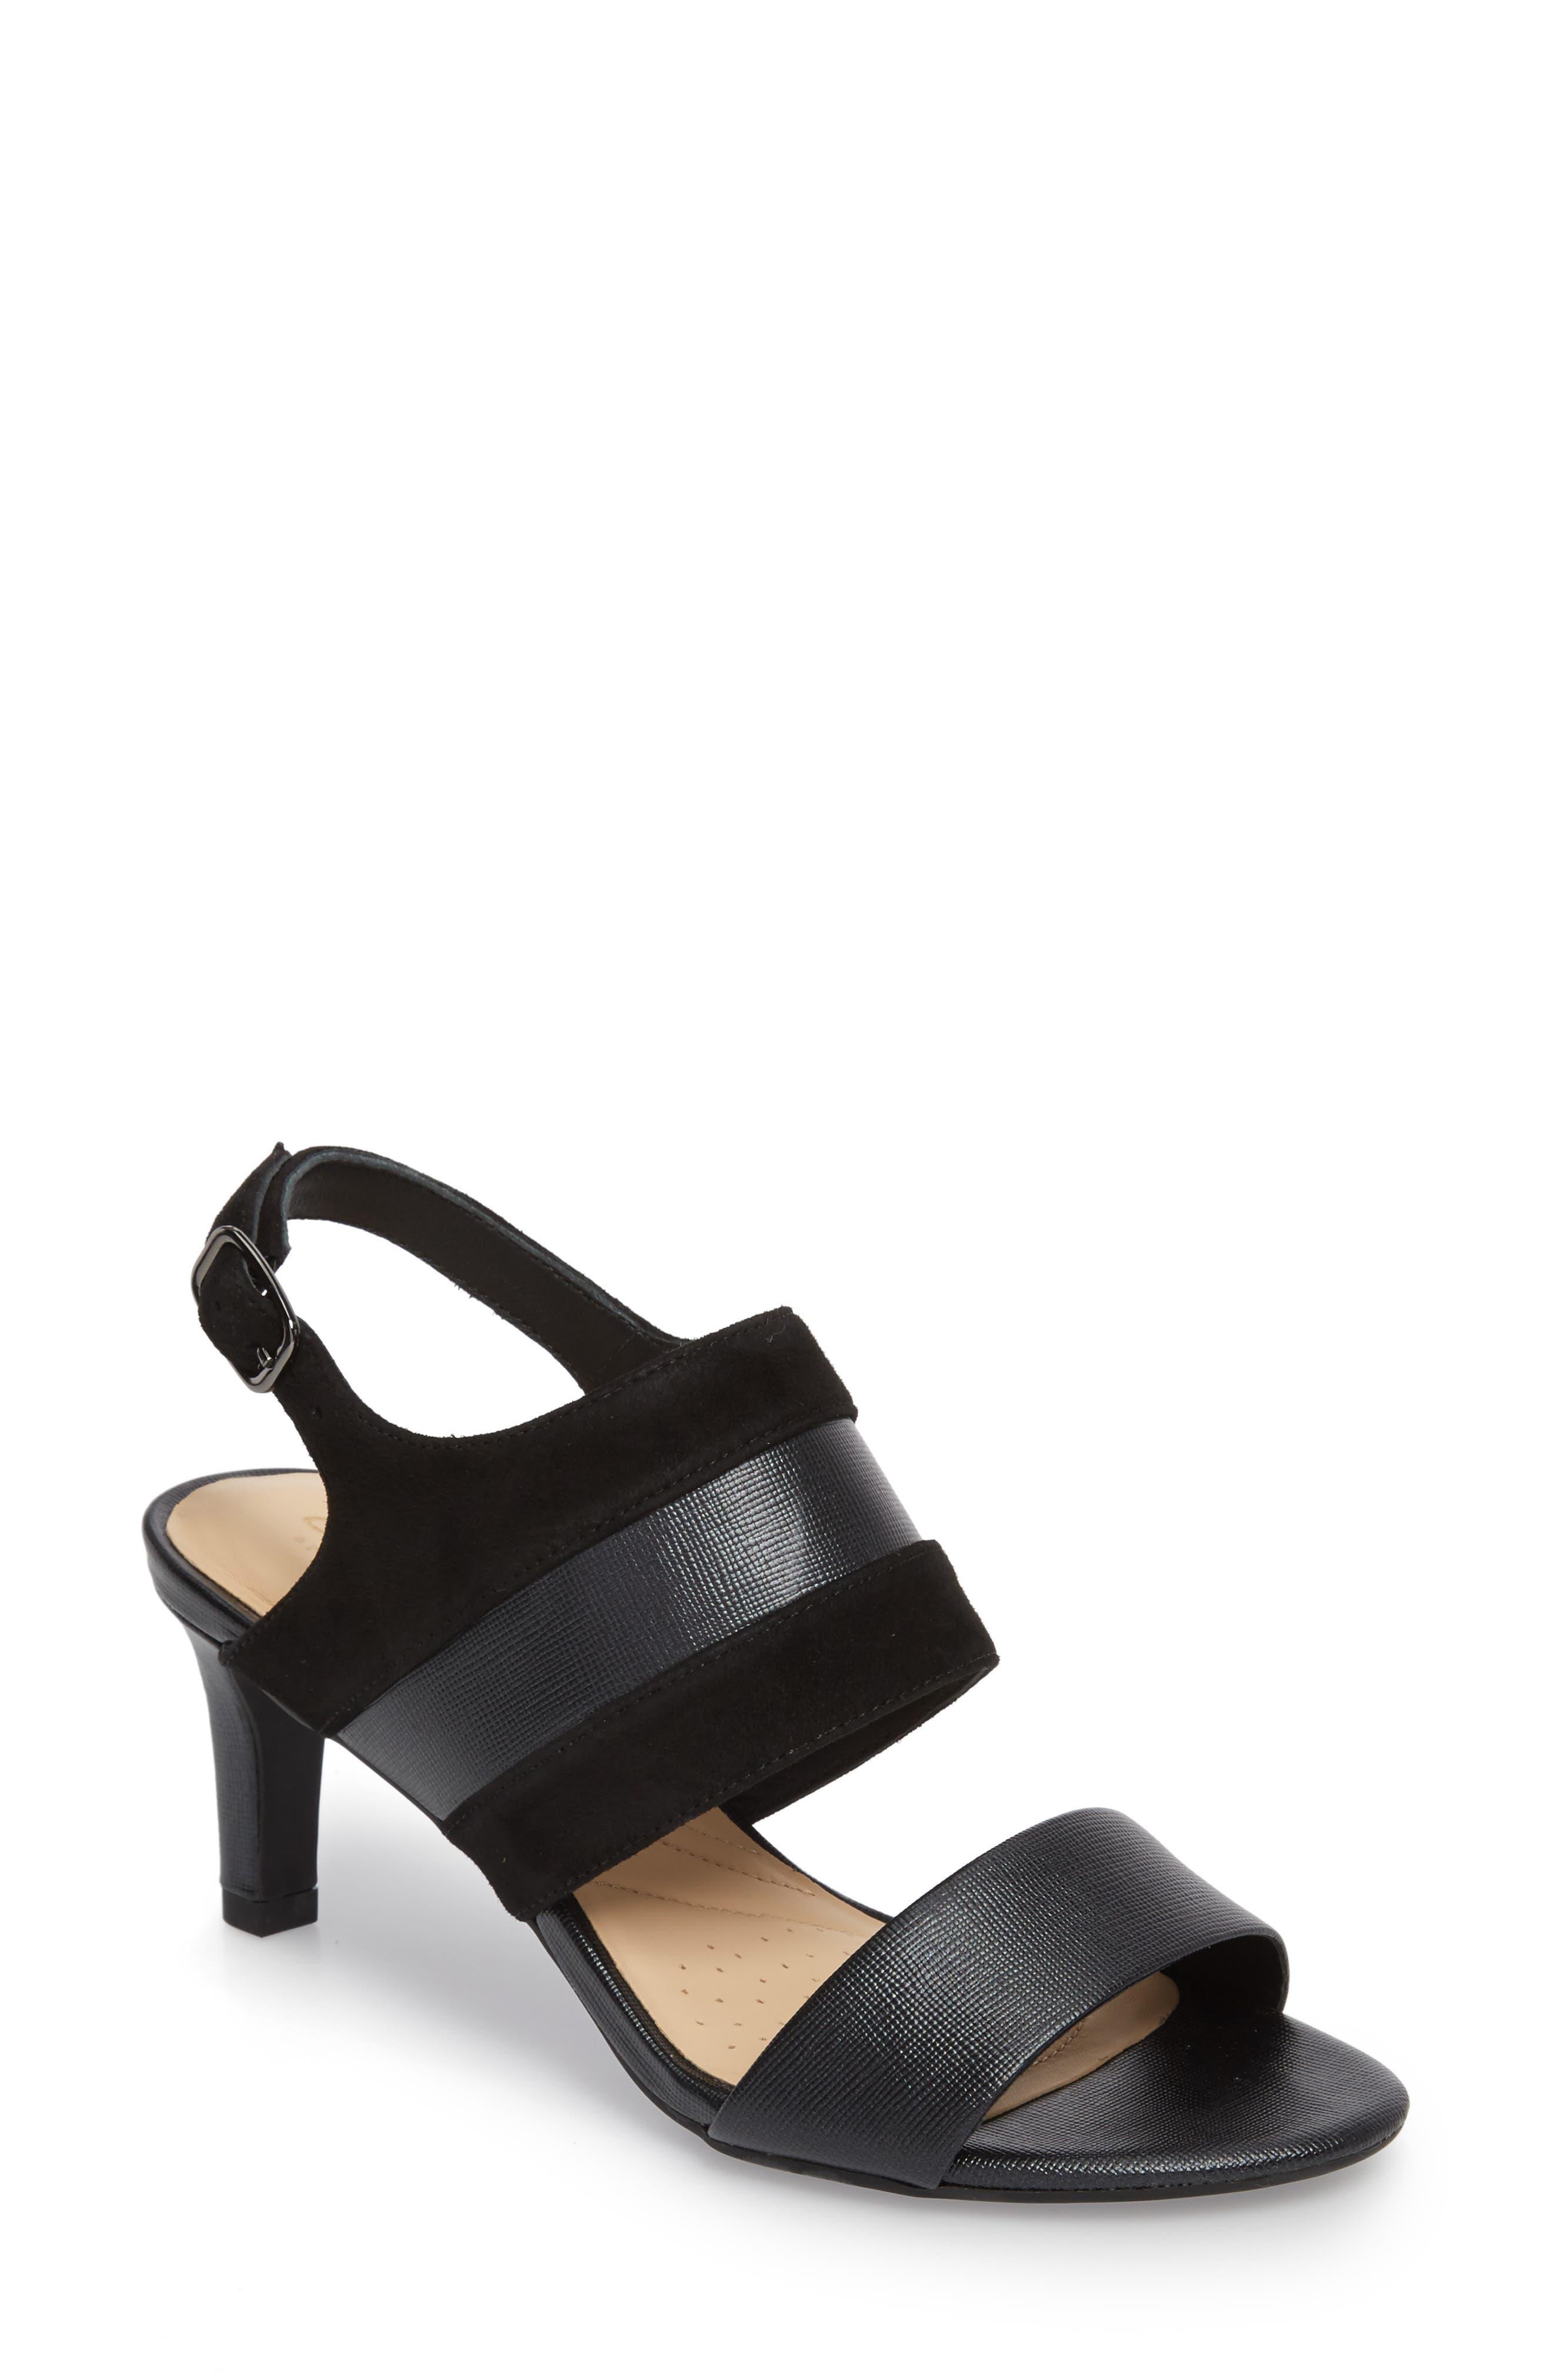 Laureti Joy Slingback Sandal,                         Main,                         color, BLACK COMBI SUEDE